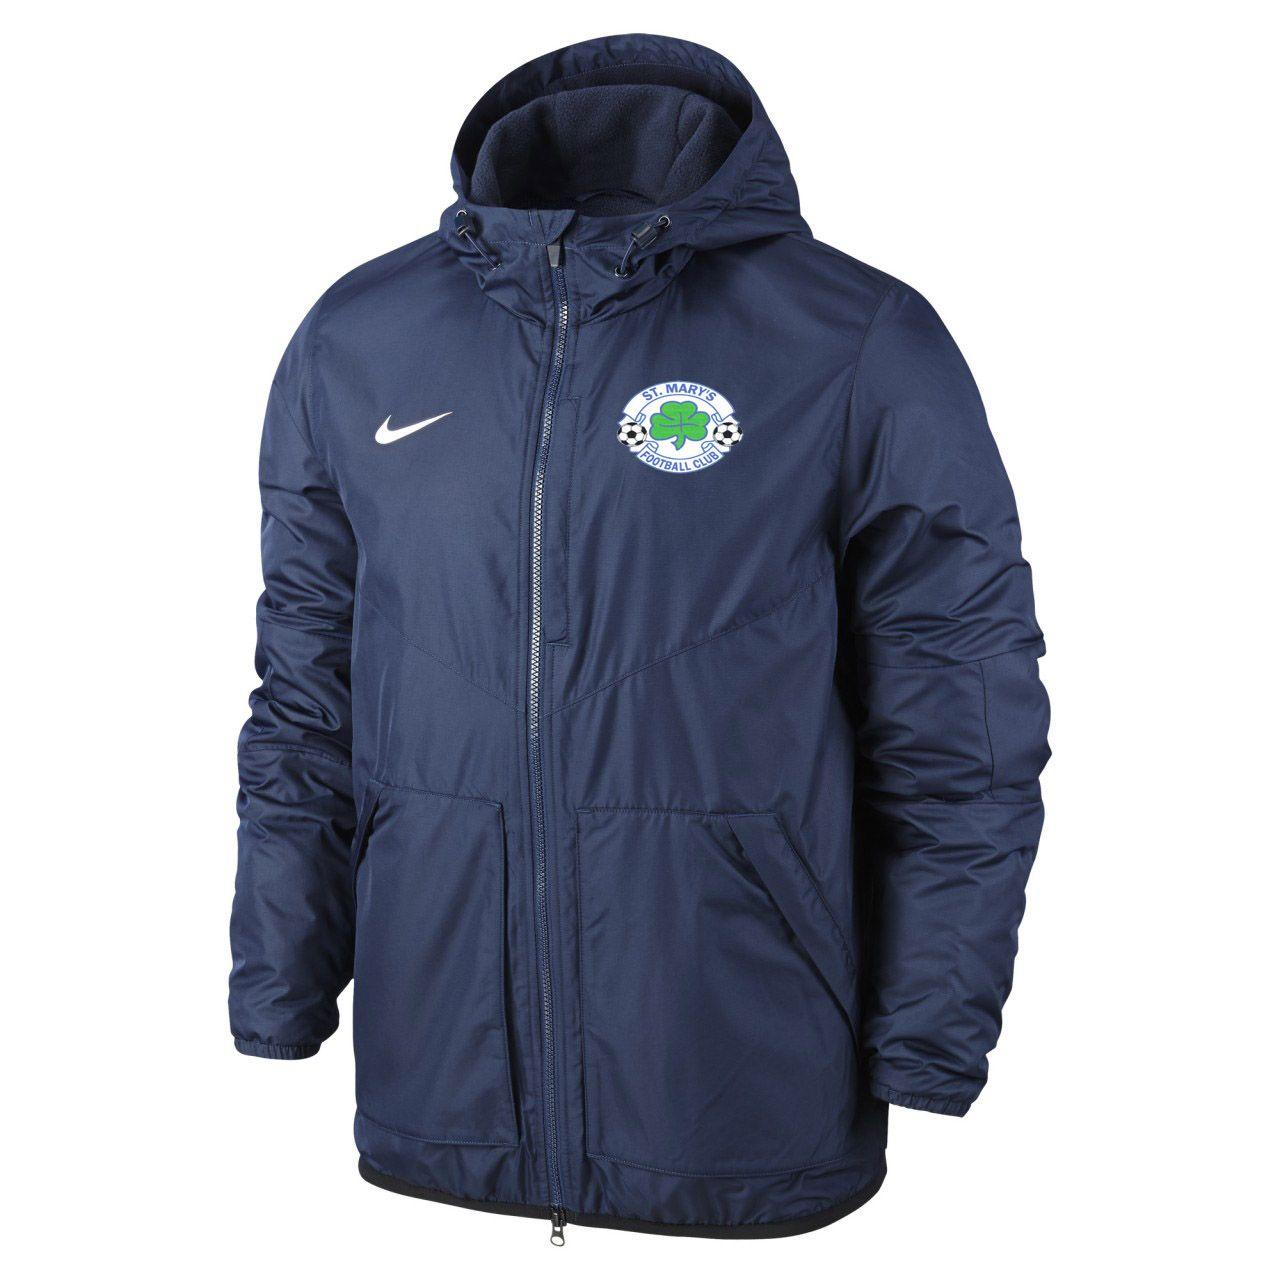 st marys glengormley fall jacket 18307 p